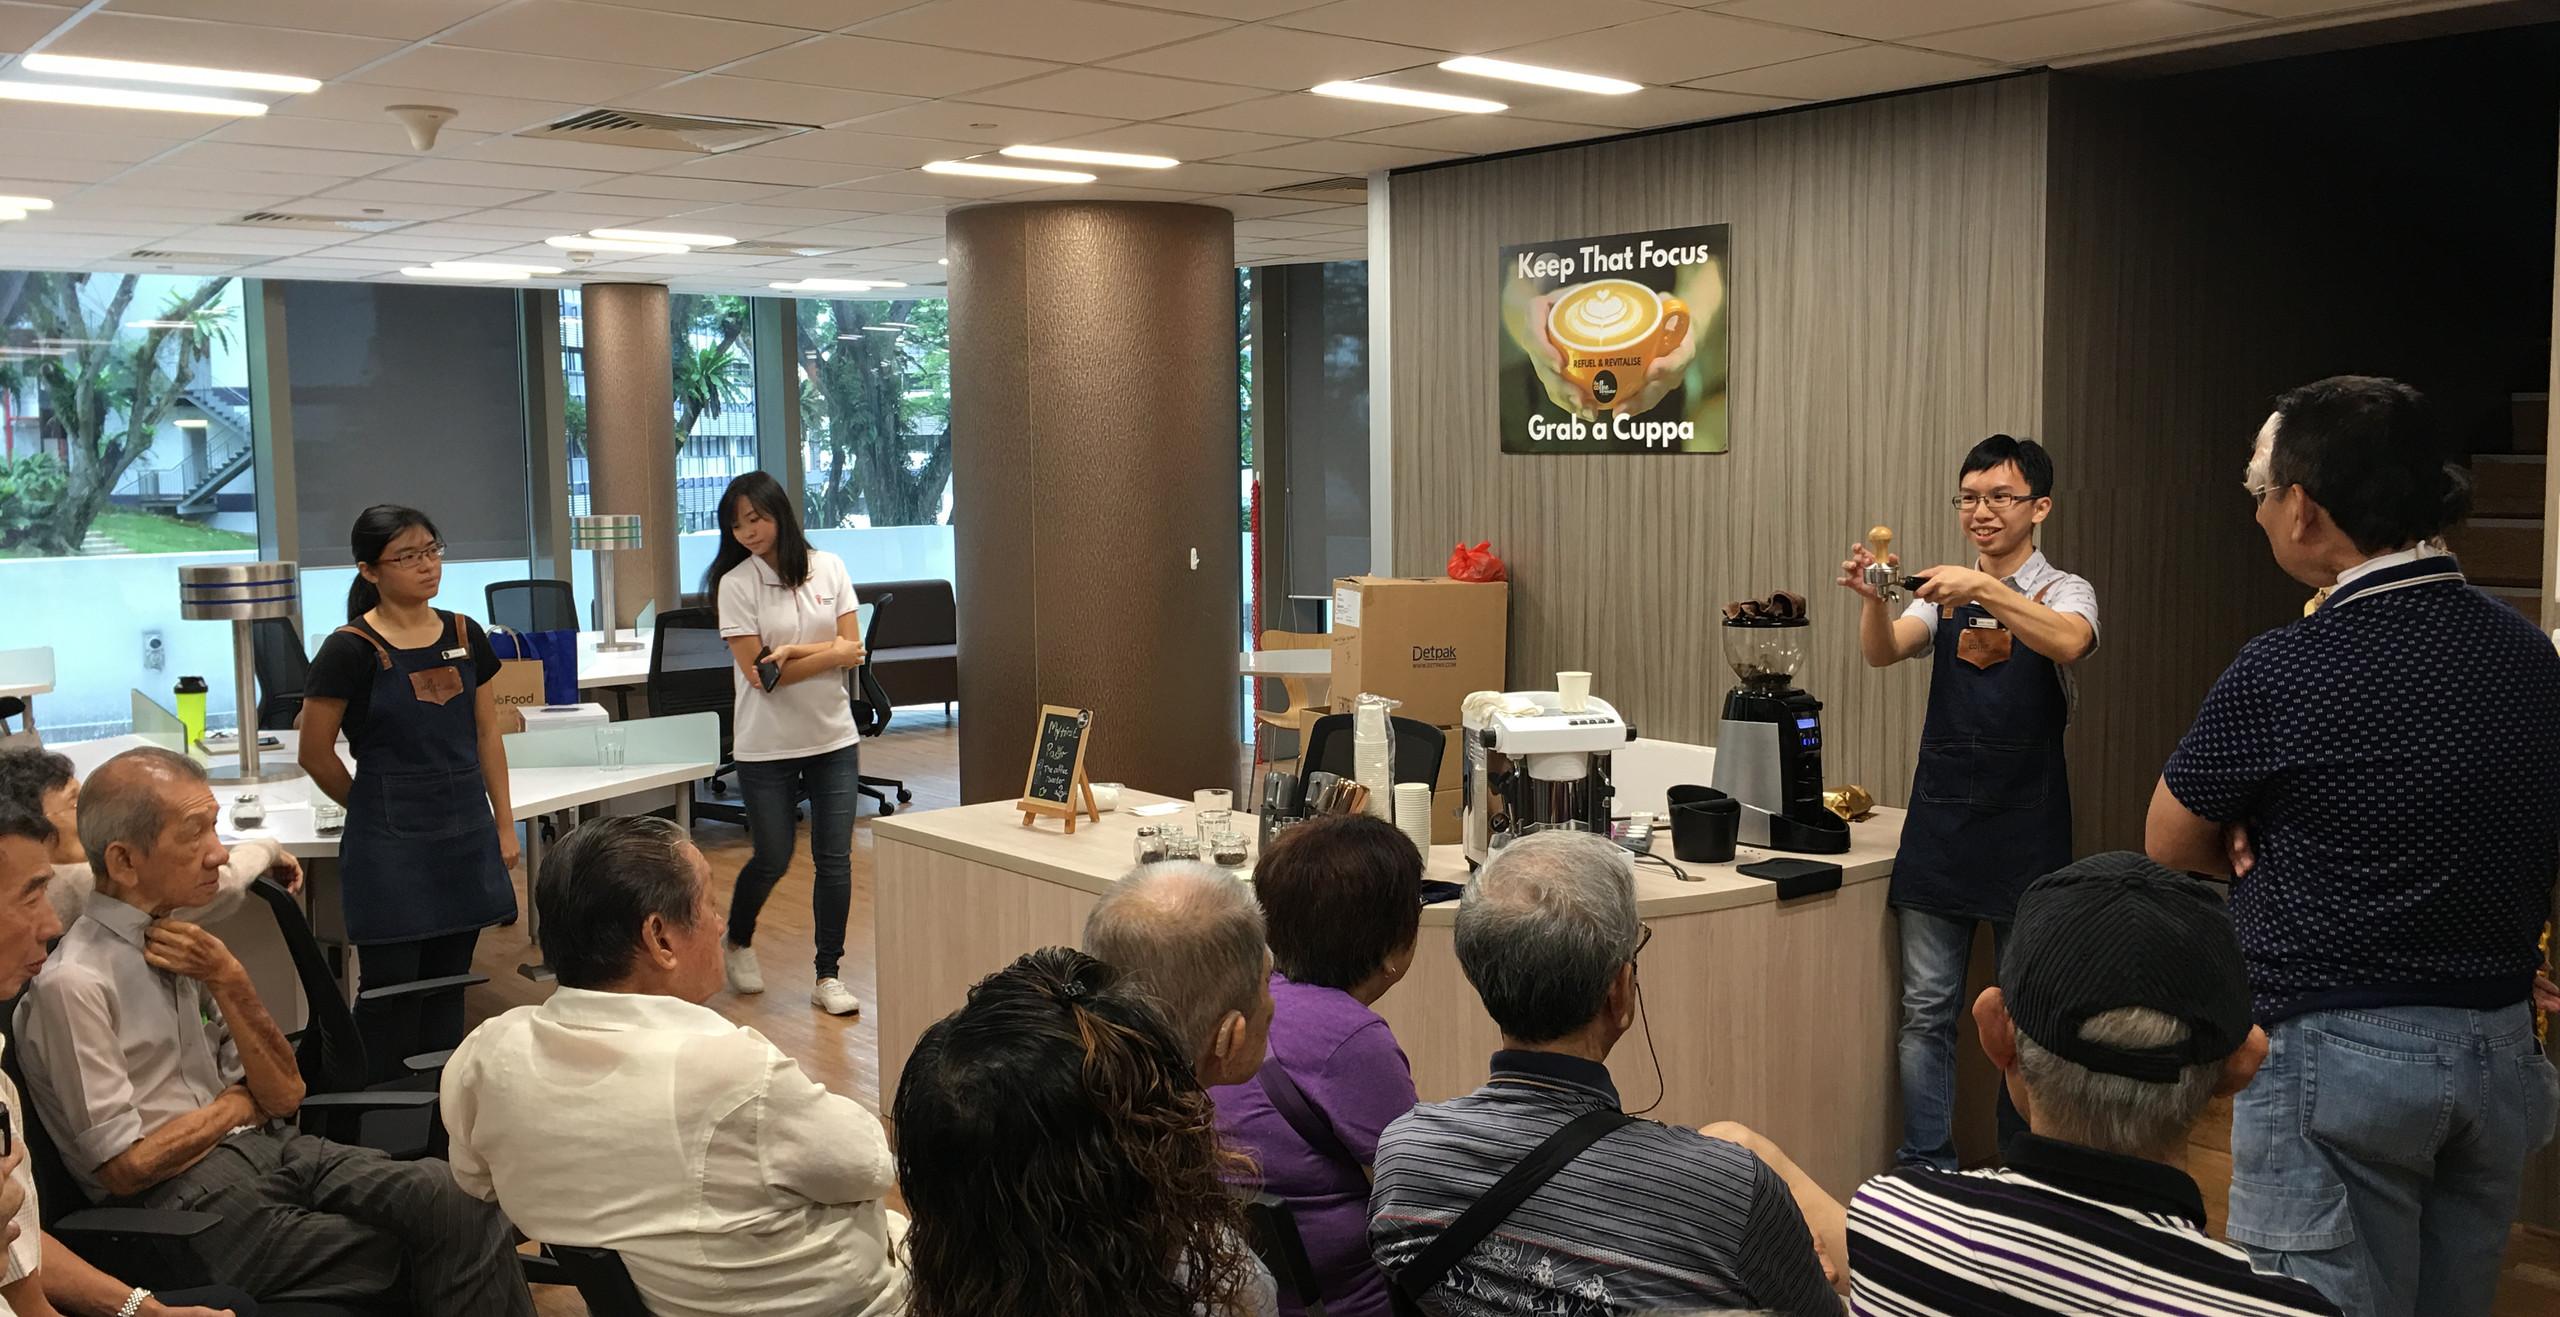 Explaining the basics of coffee-making